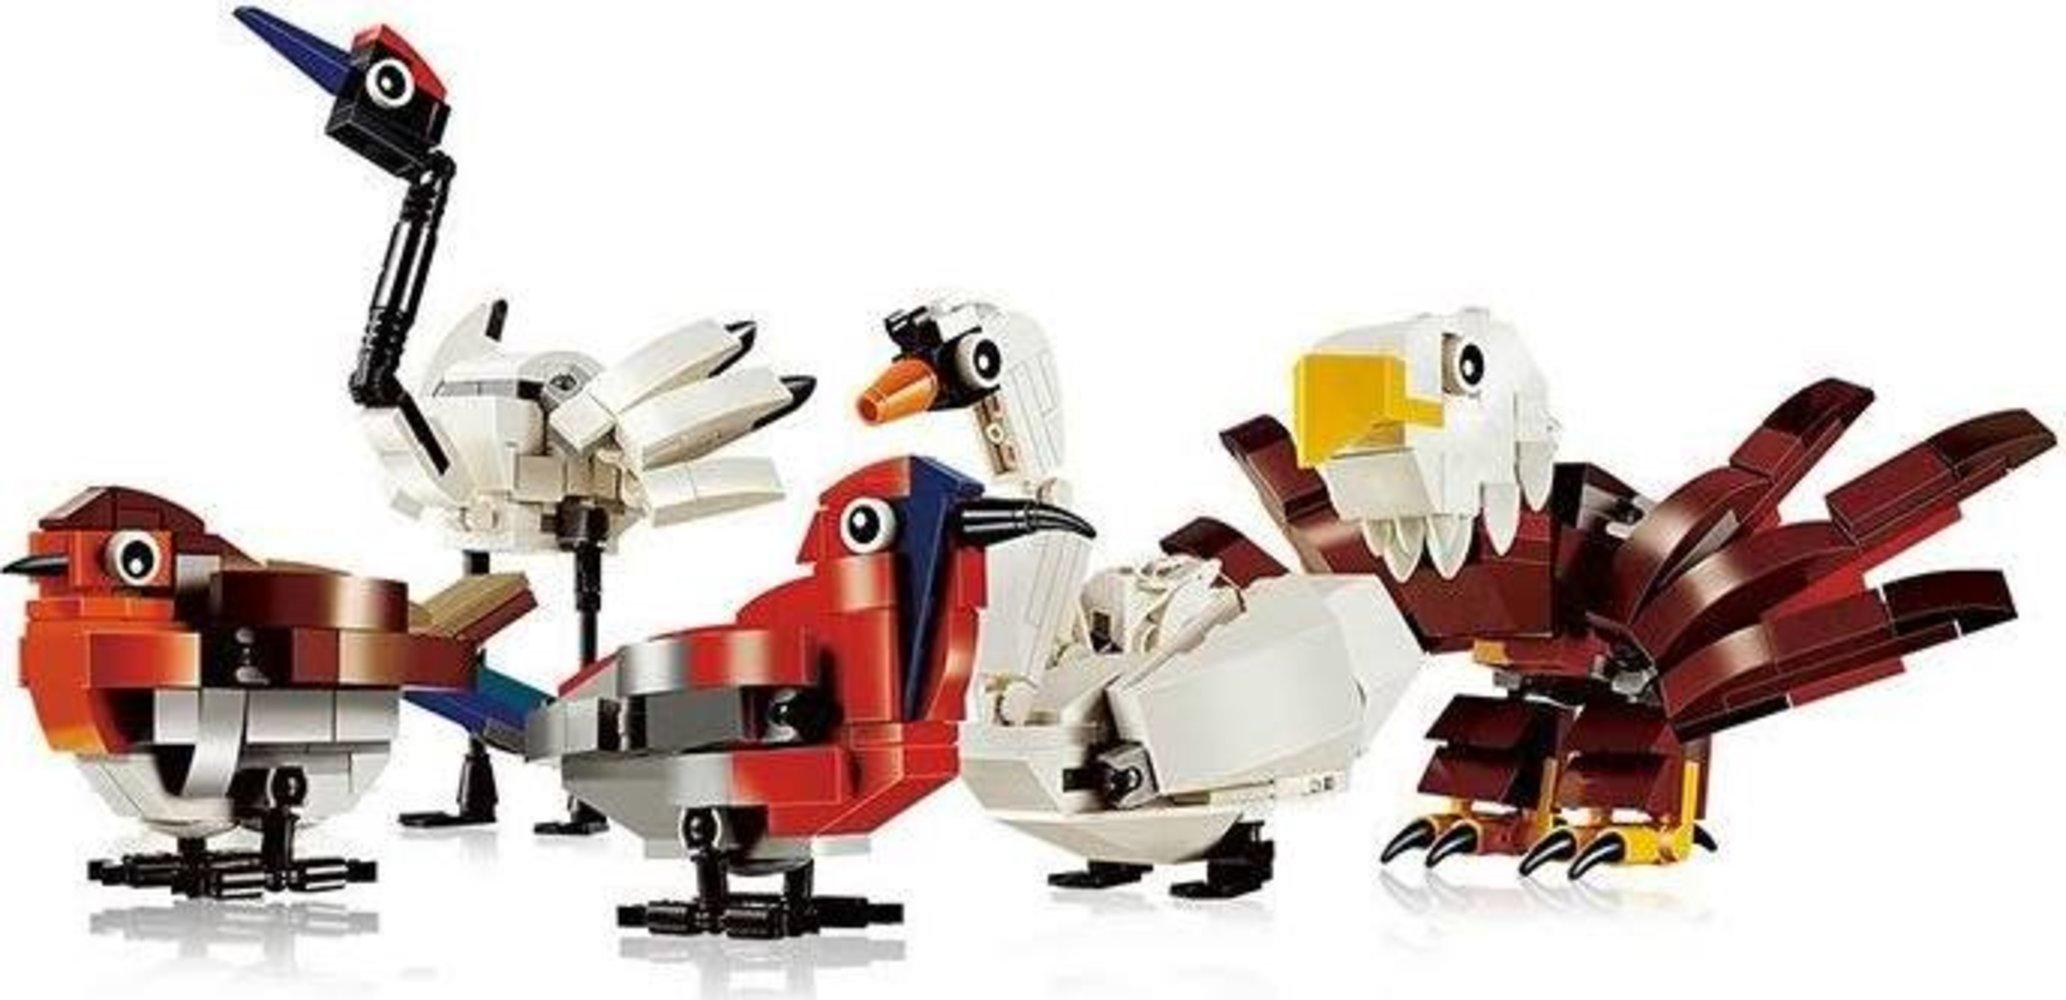 LEGO HUB Birds